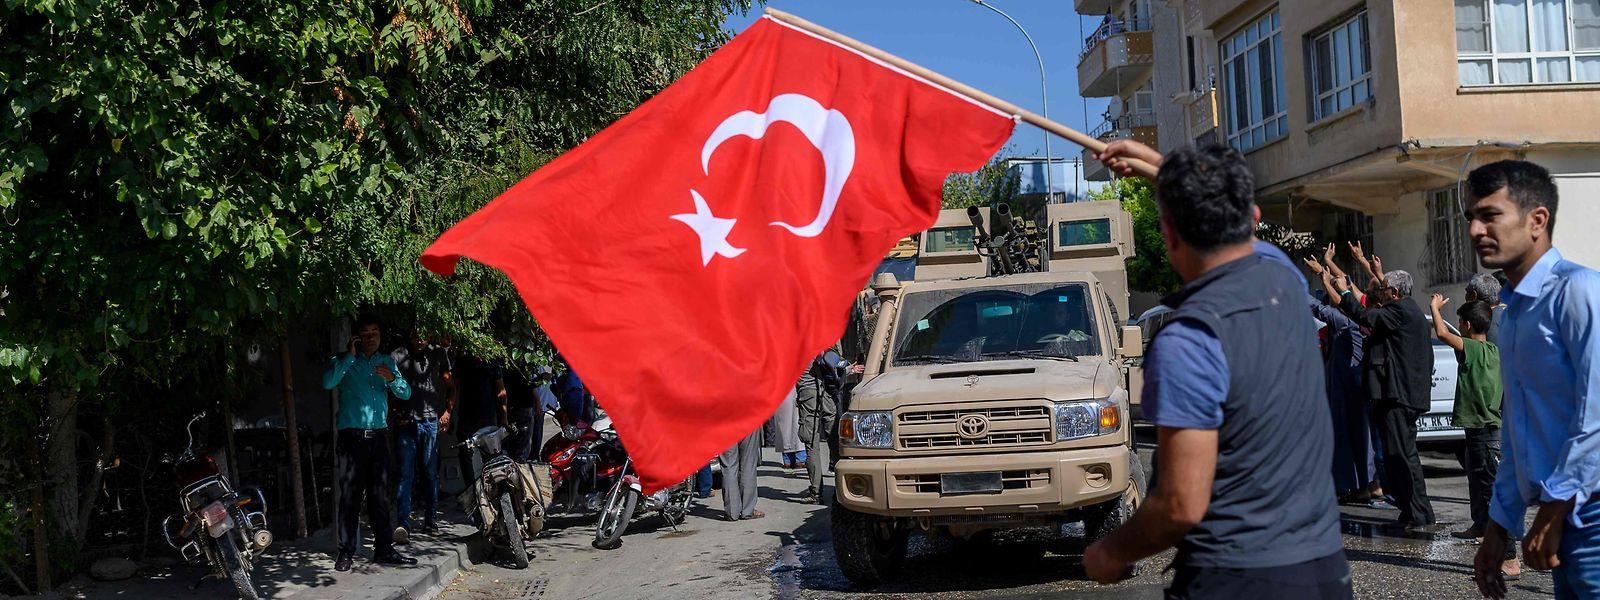 Die türkische Offensive in Nordsyrien ist für die EU sehr problematisch: Brüssel ist in der Migrationsfrage von Ankara abhängig, was die Europäer daran hindert, die Türkei allzu klar zu kritisieren.